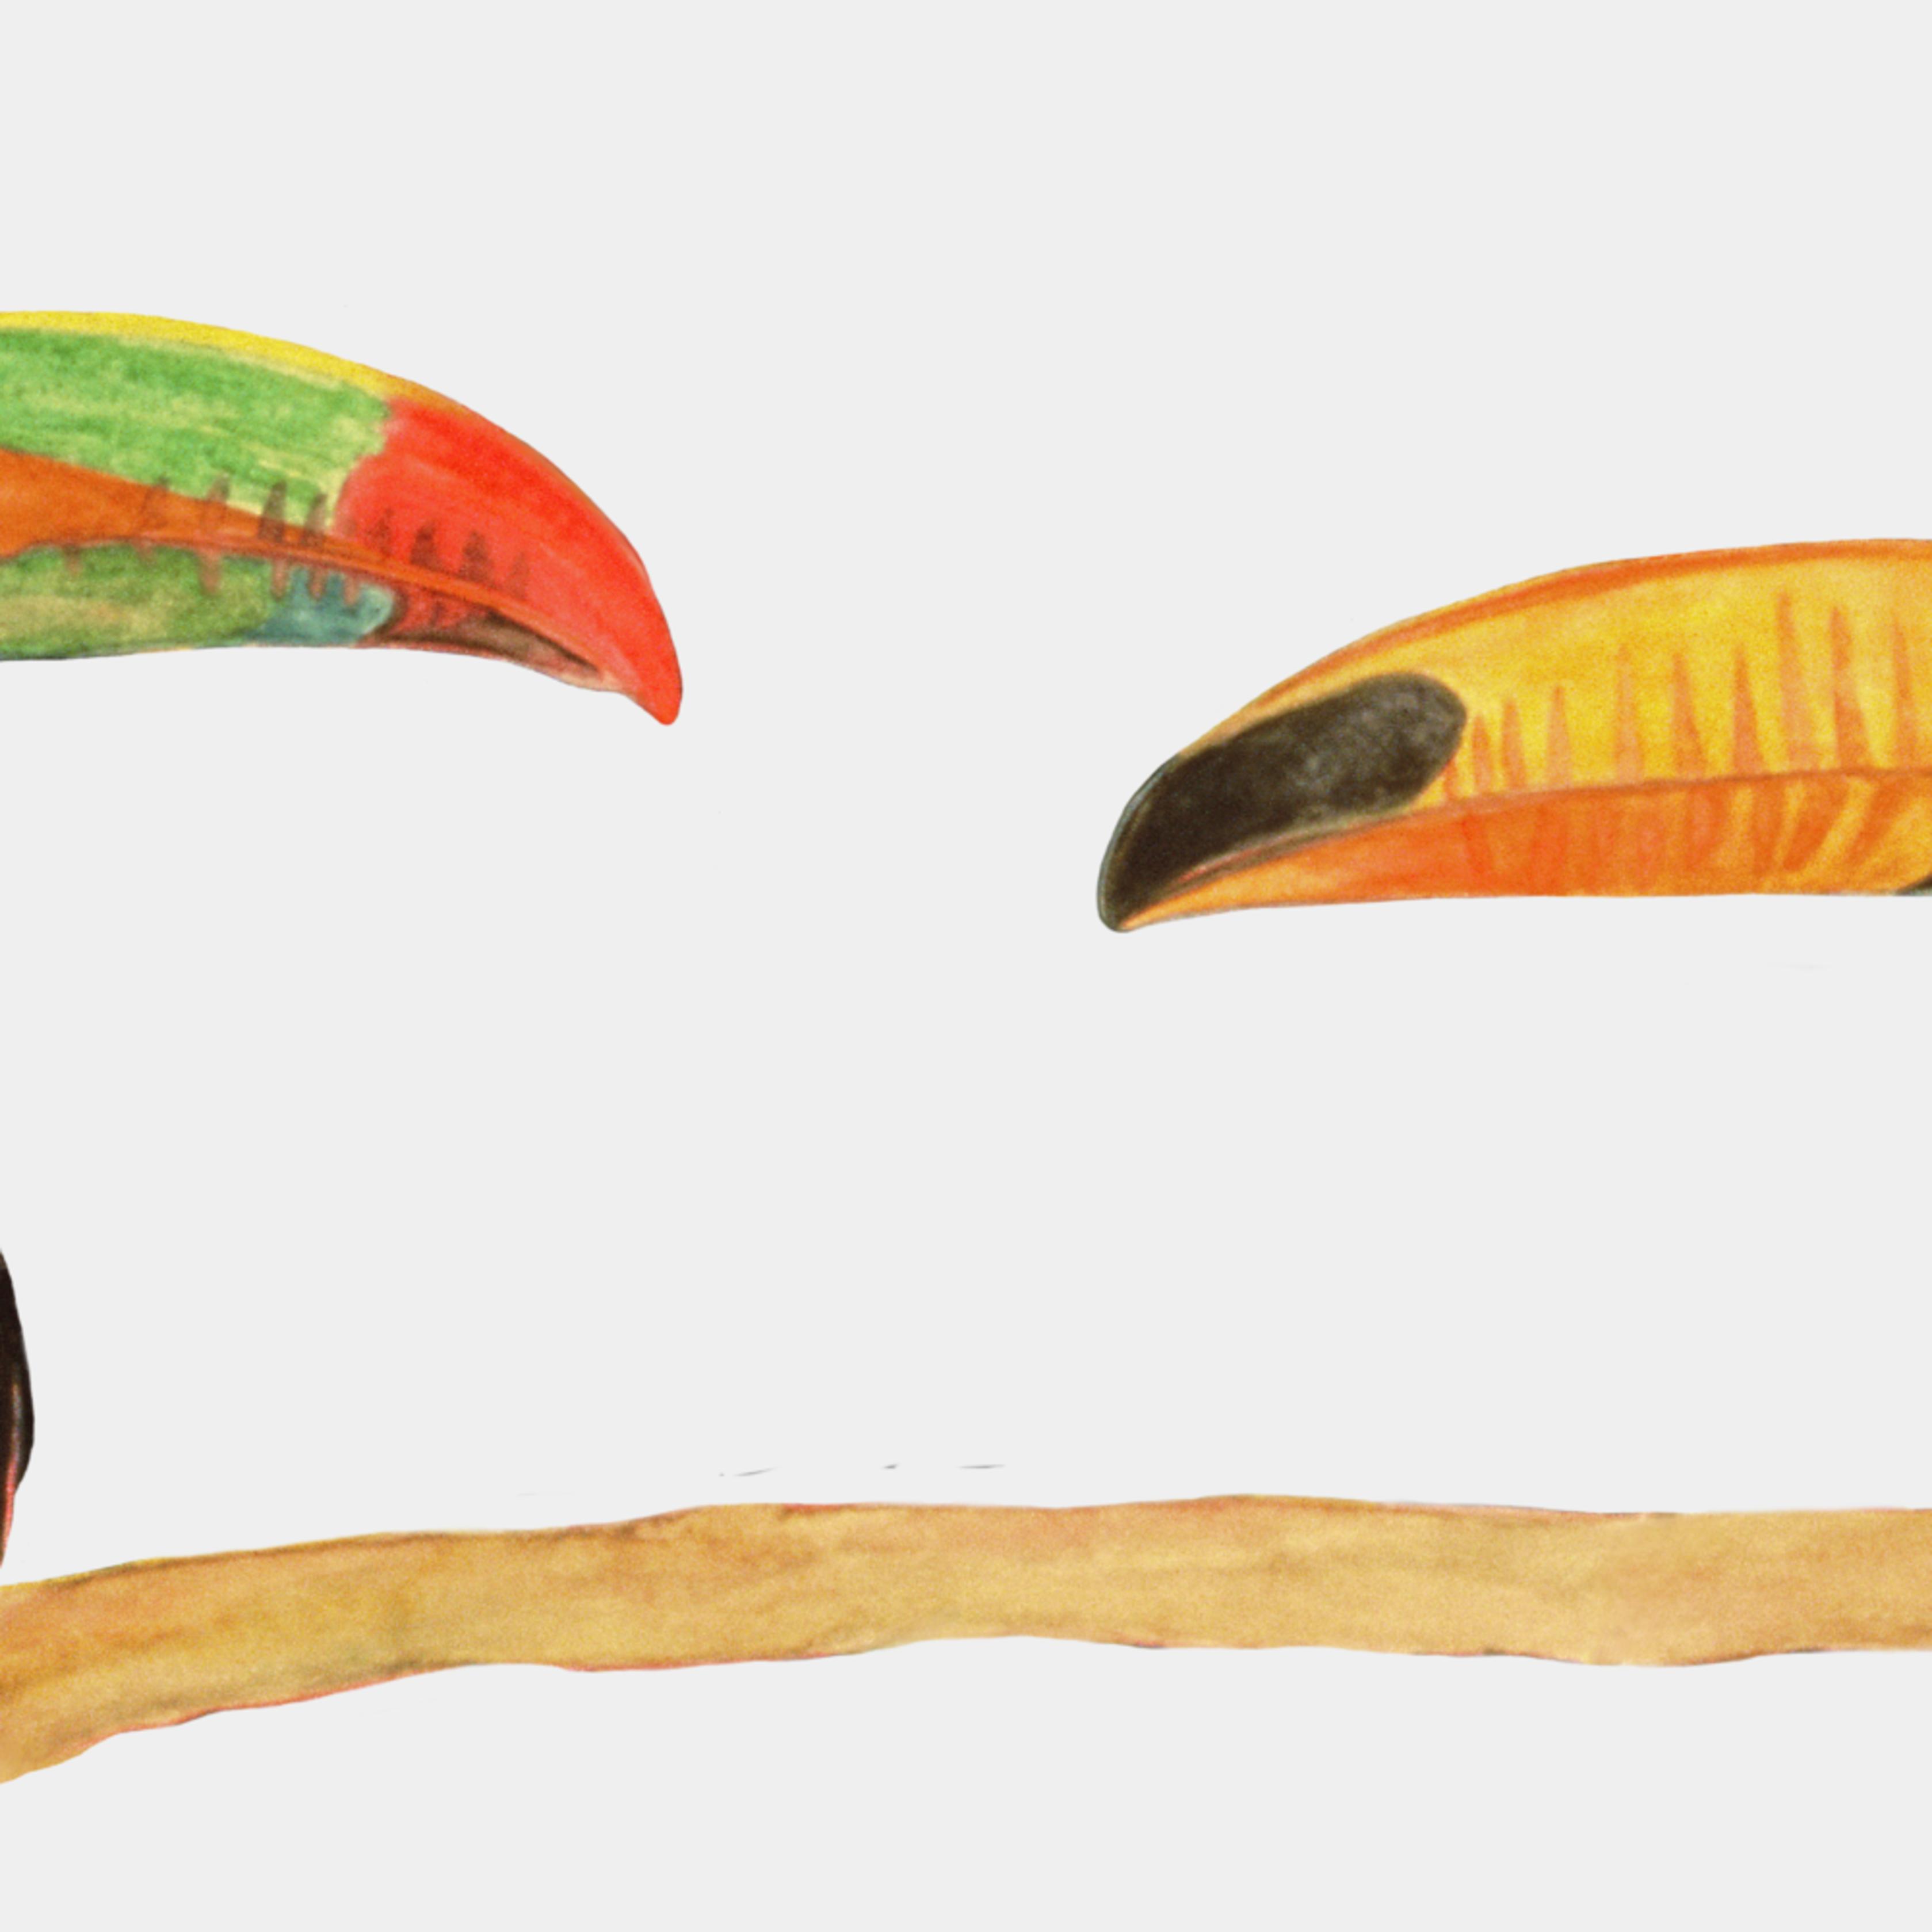 Dee van houten toucan love giclee 2020 xgotu0